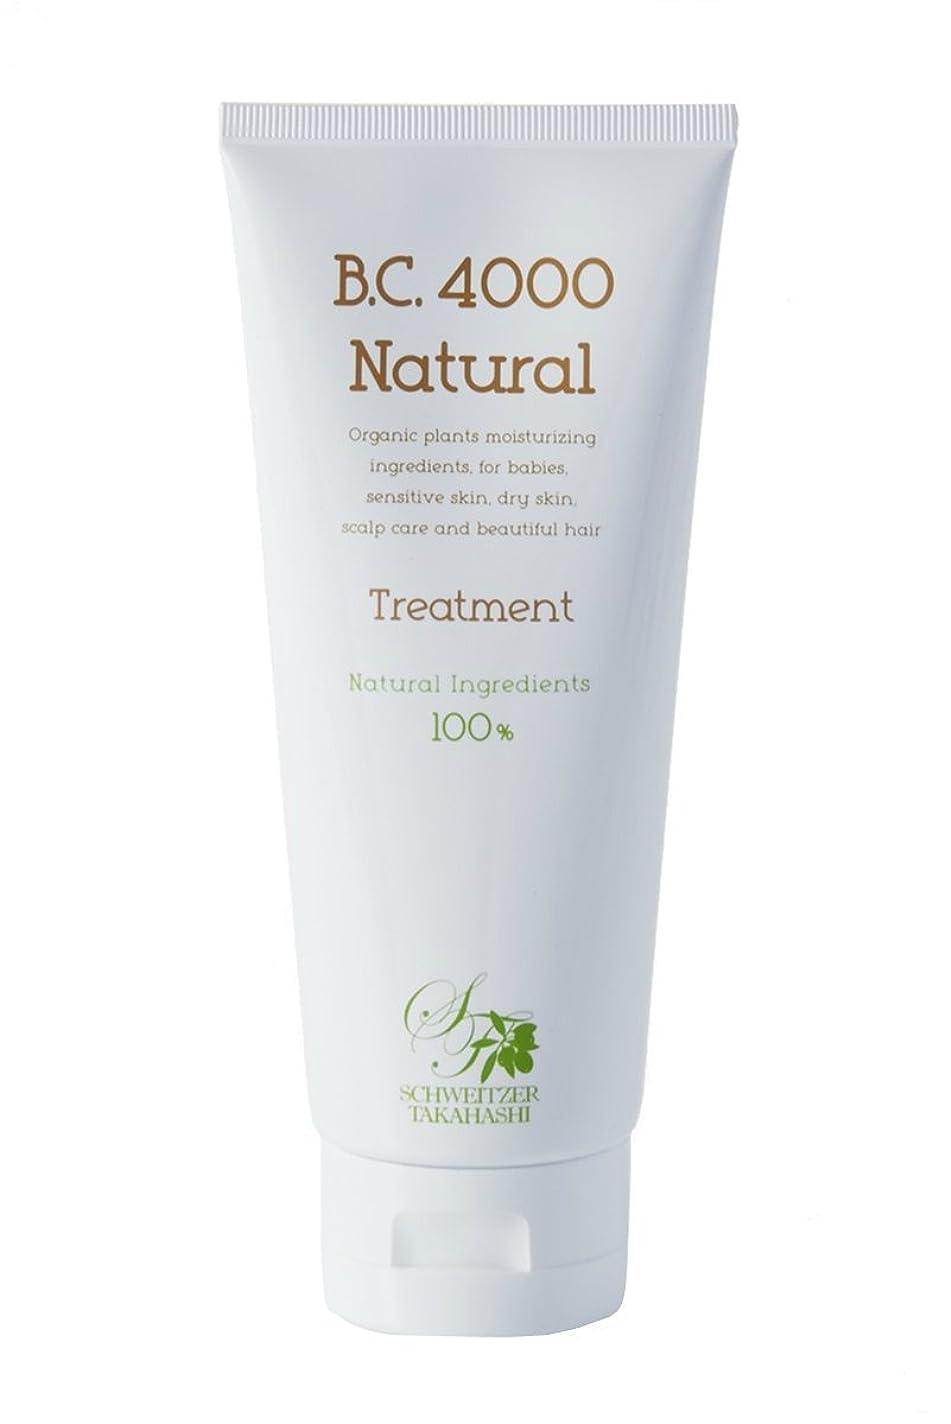 光景軍団引用B.C.4000 100%天然由来 ナチュラル ノンシリコン トリートメント オーガニック植物エキス配合 200g